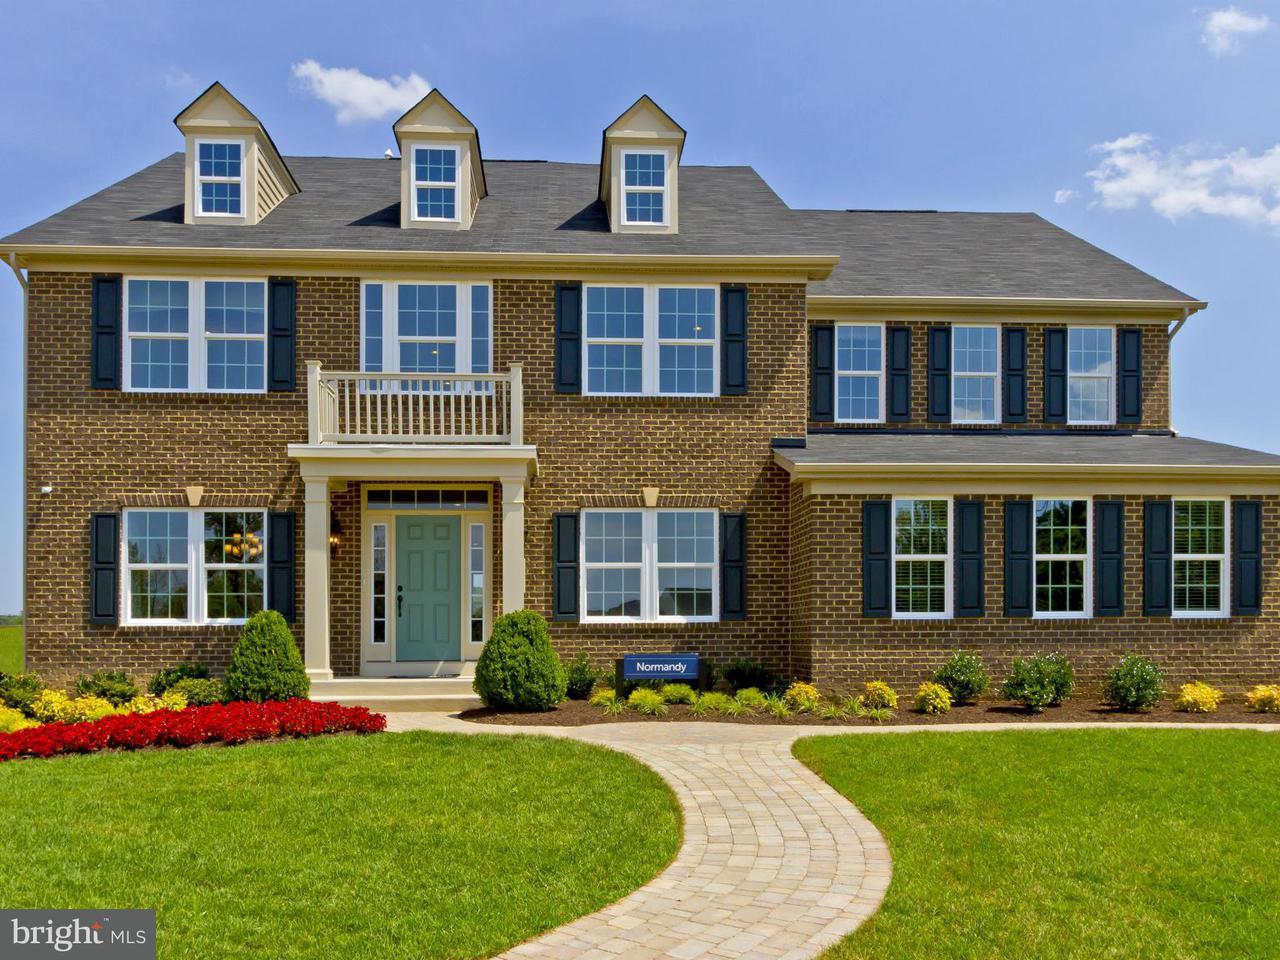 Частный односемейный дом для того Продажа на 5424 CASCADES Court 5424 CASCADES Court White Plains, Мэриленд 20695 Соединенные Штаты